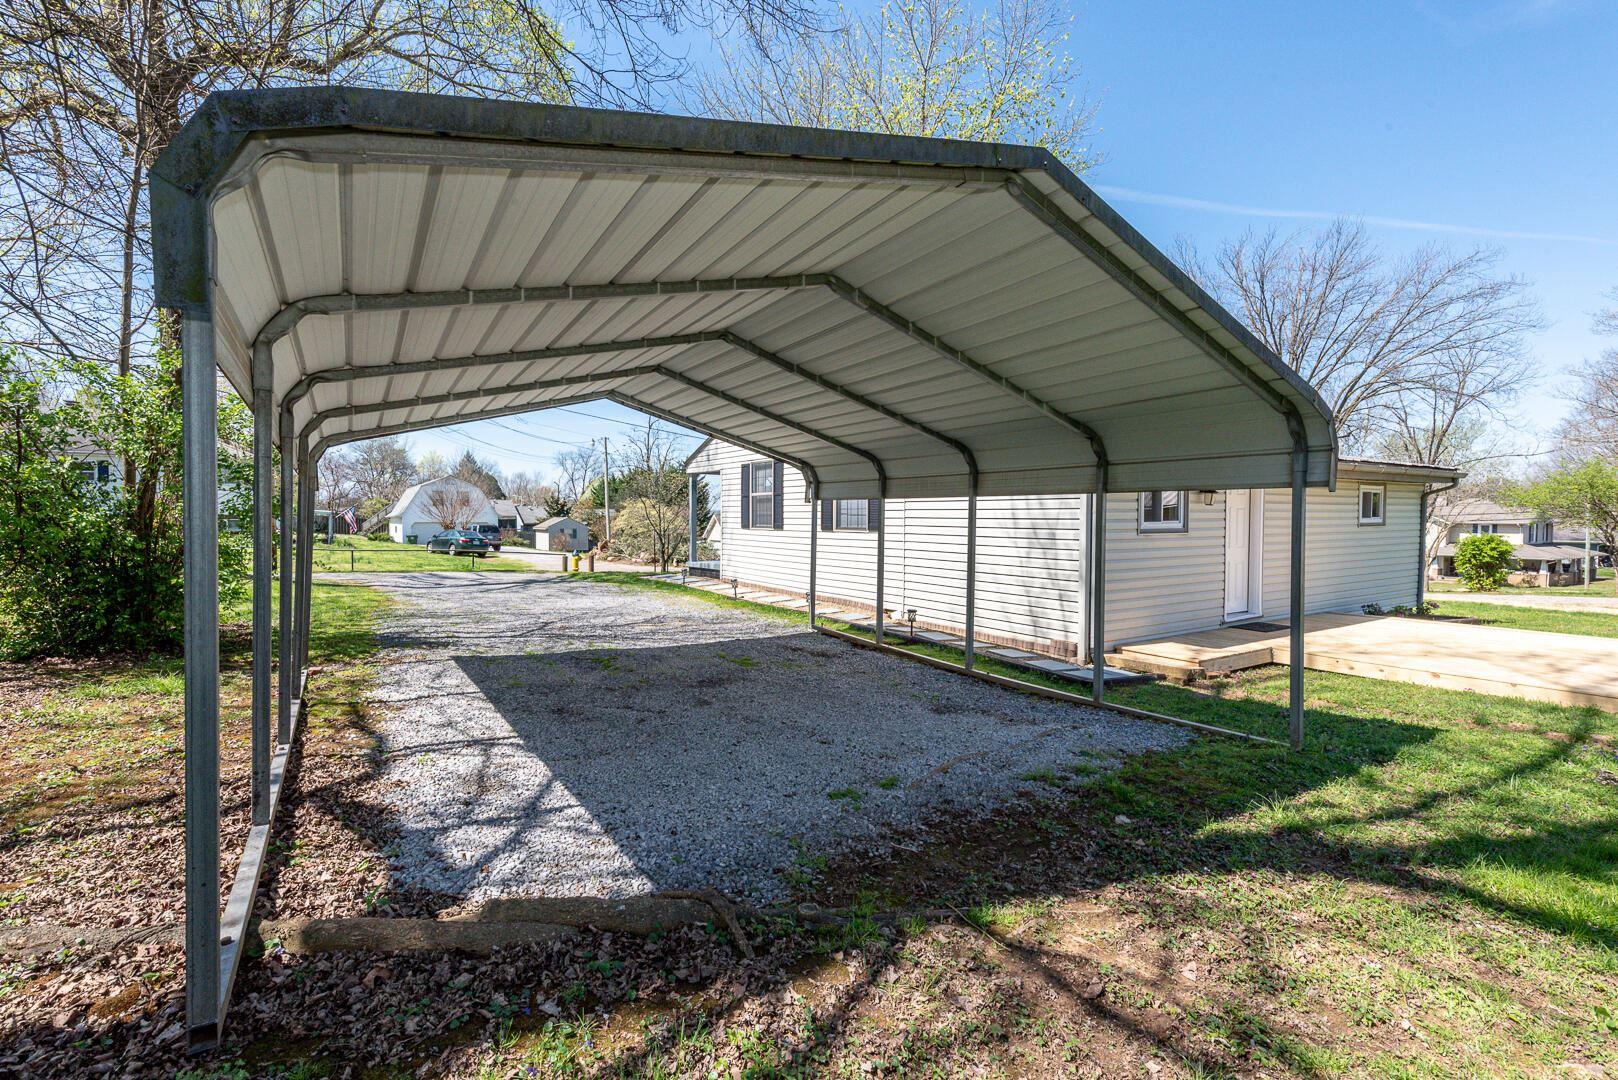 Photo of 106 Bogart Lane, Maryville, TN 37804 (MLS # 1147800)